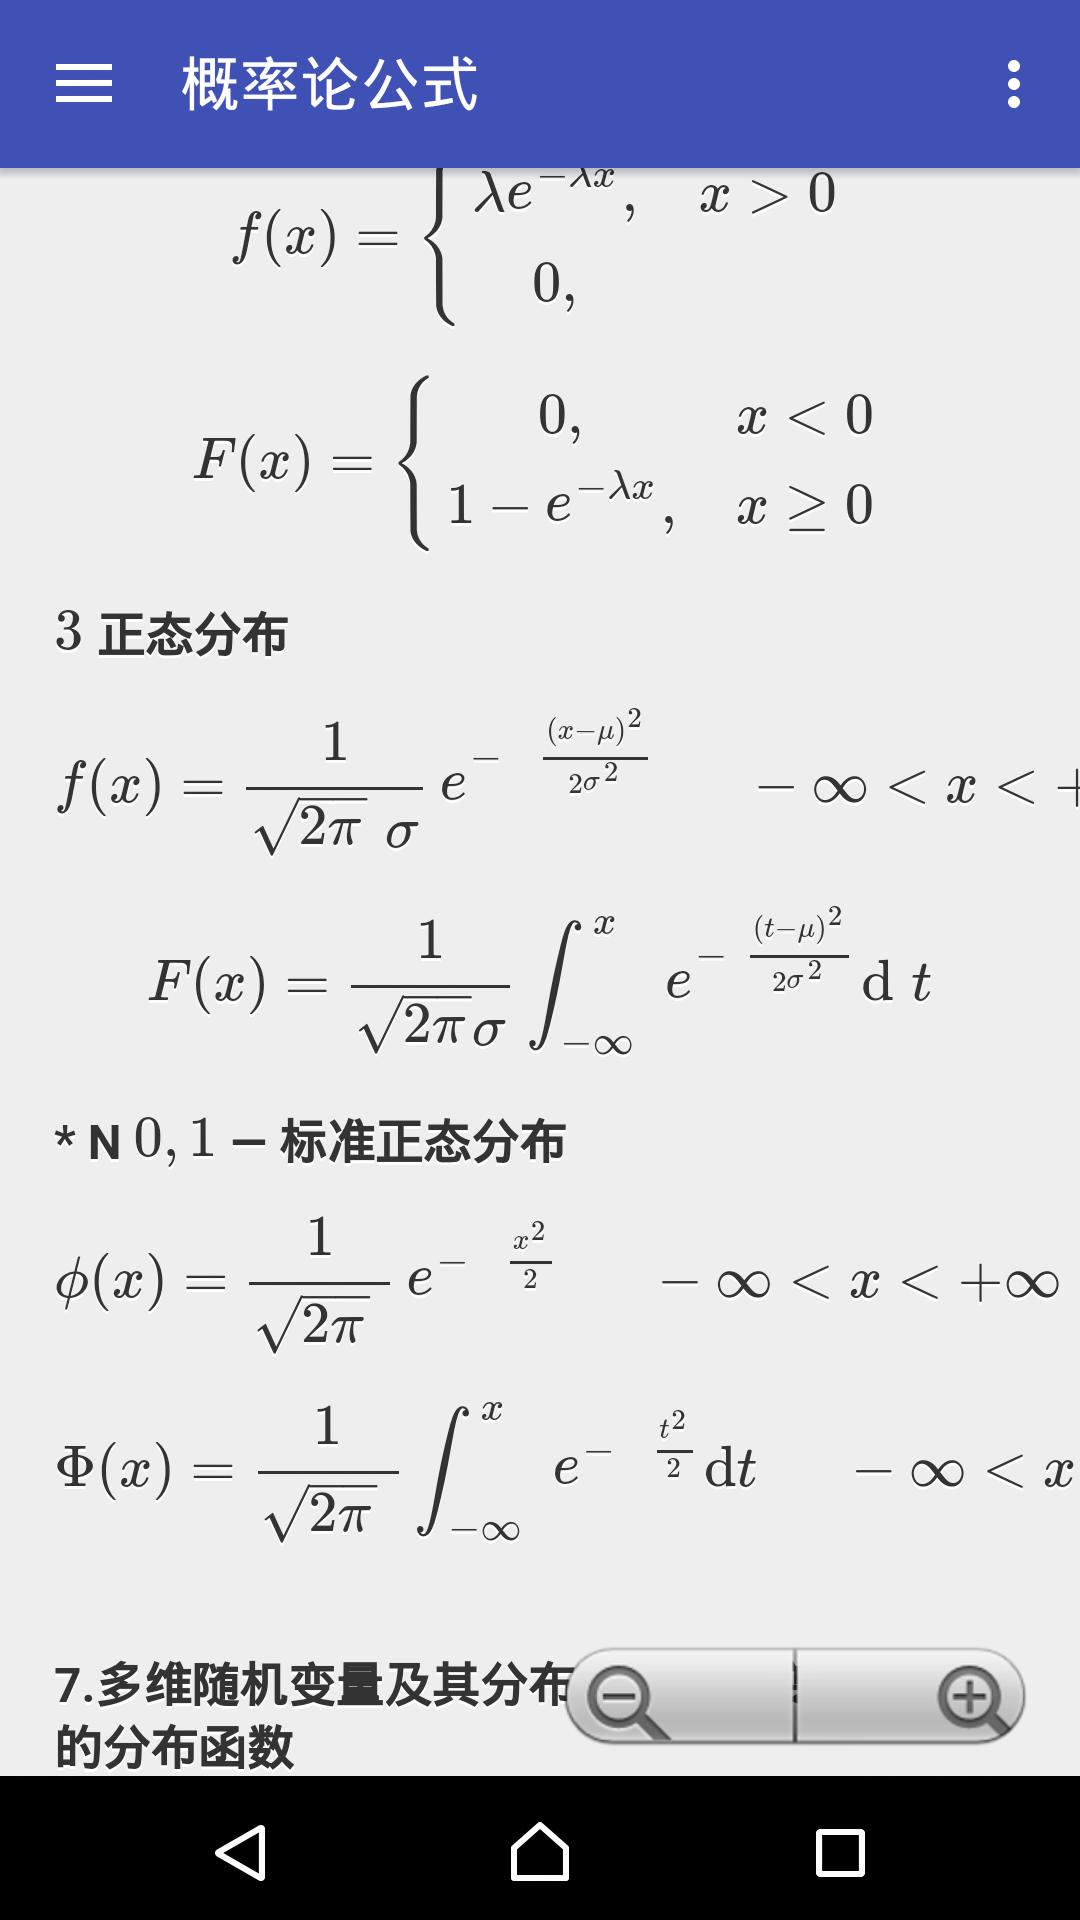 数理化公式大全_数理化公式手册下载安卓最新版_手机app官方版免费安装下载_豌豆荚